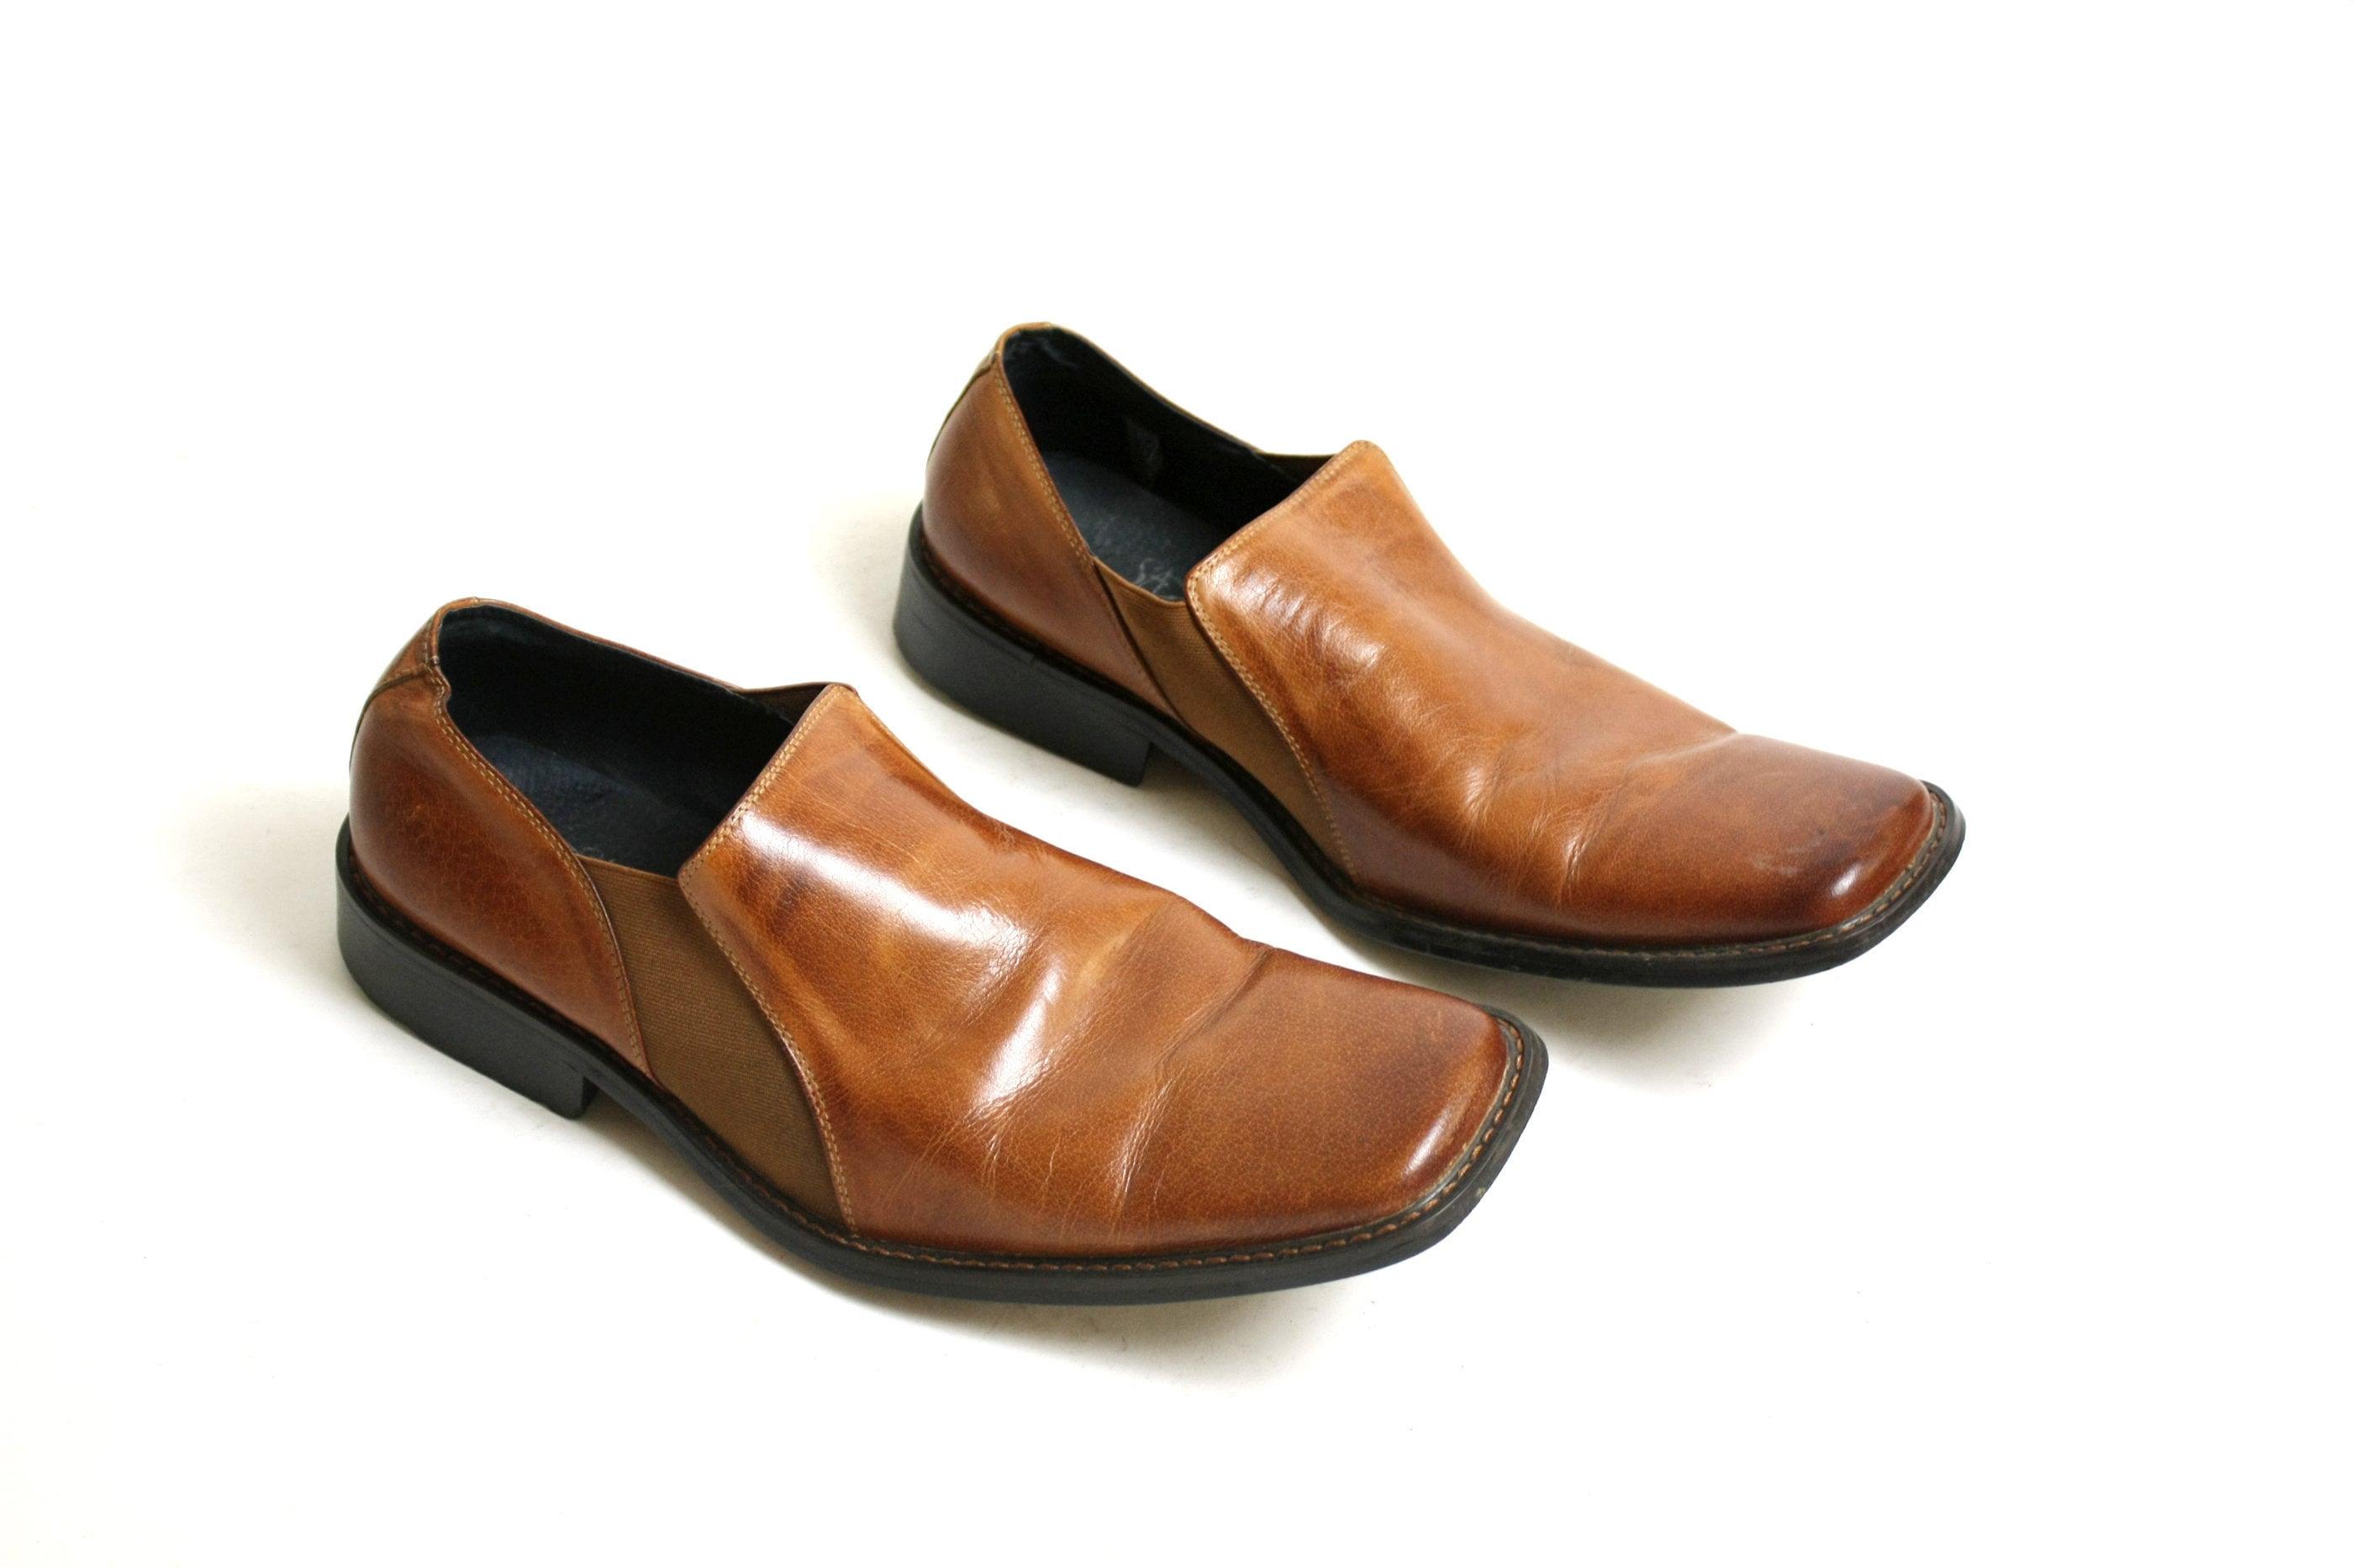 Vintage 90 Toe 80 Vrai Cuir Années Square Brun Chaussures rwAtq0rn6